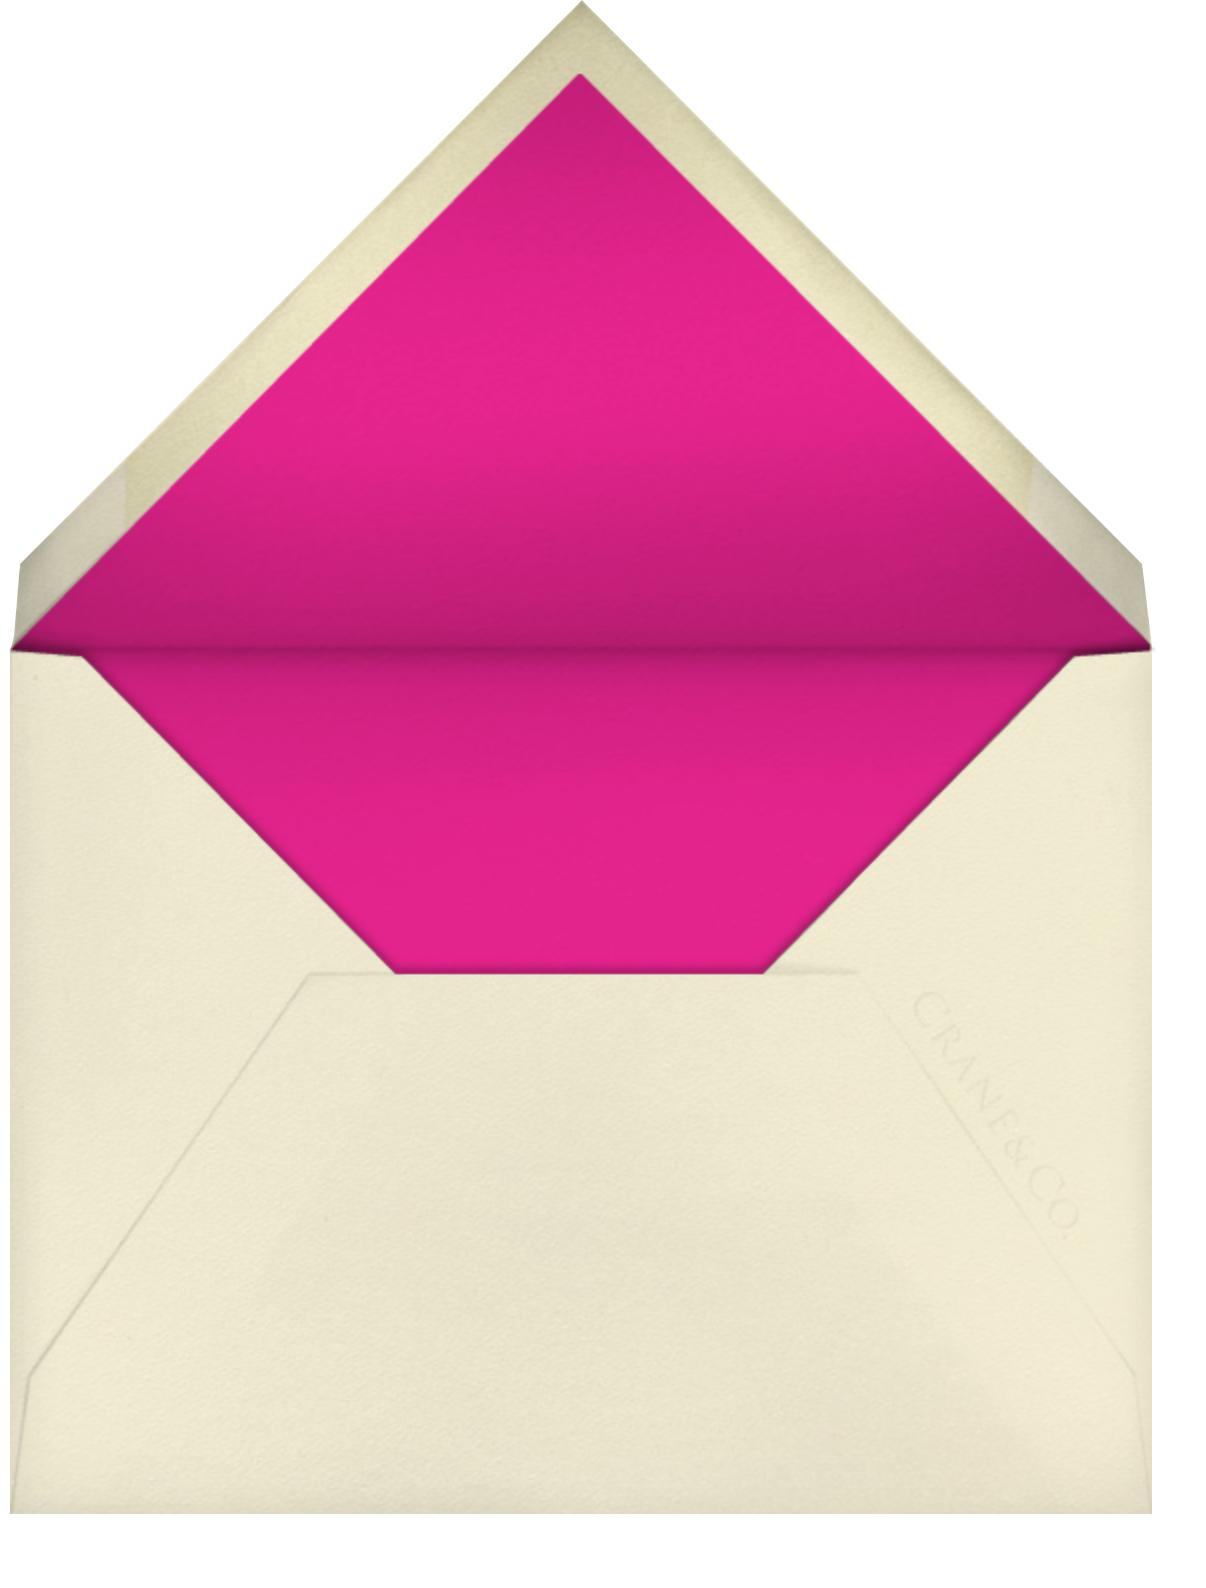 La Pavillion I (Stationery) - Gold - kate spade new york - Personalized stationery - envelope back